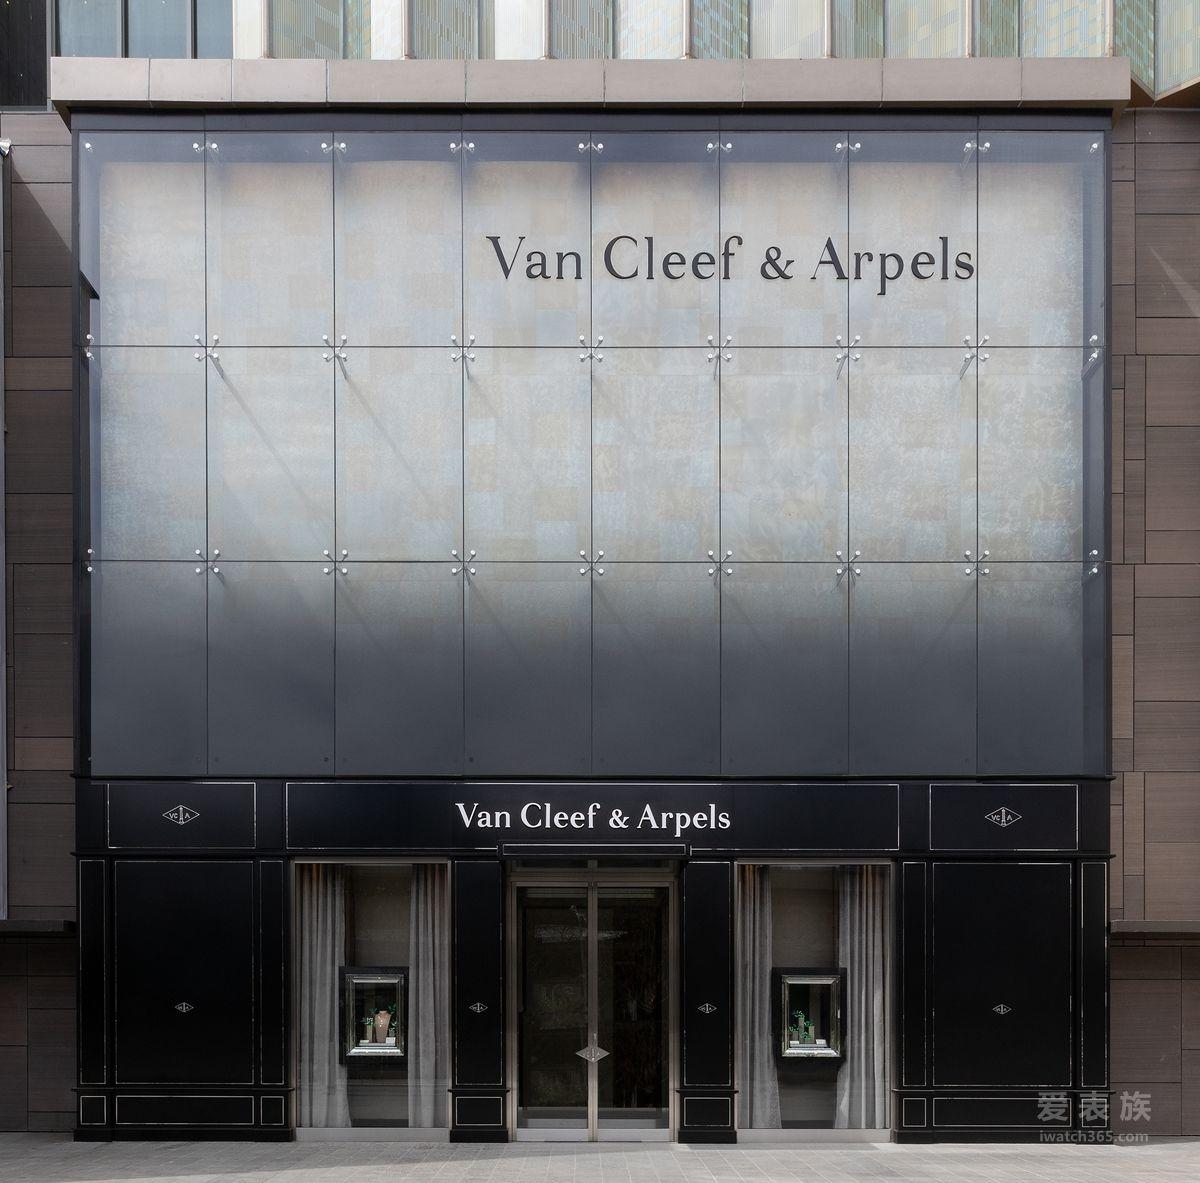 双城记 两地书 Van Cleef & Arpels梵克雅宝优雅揭幕京沪全新旗舰店